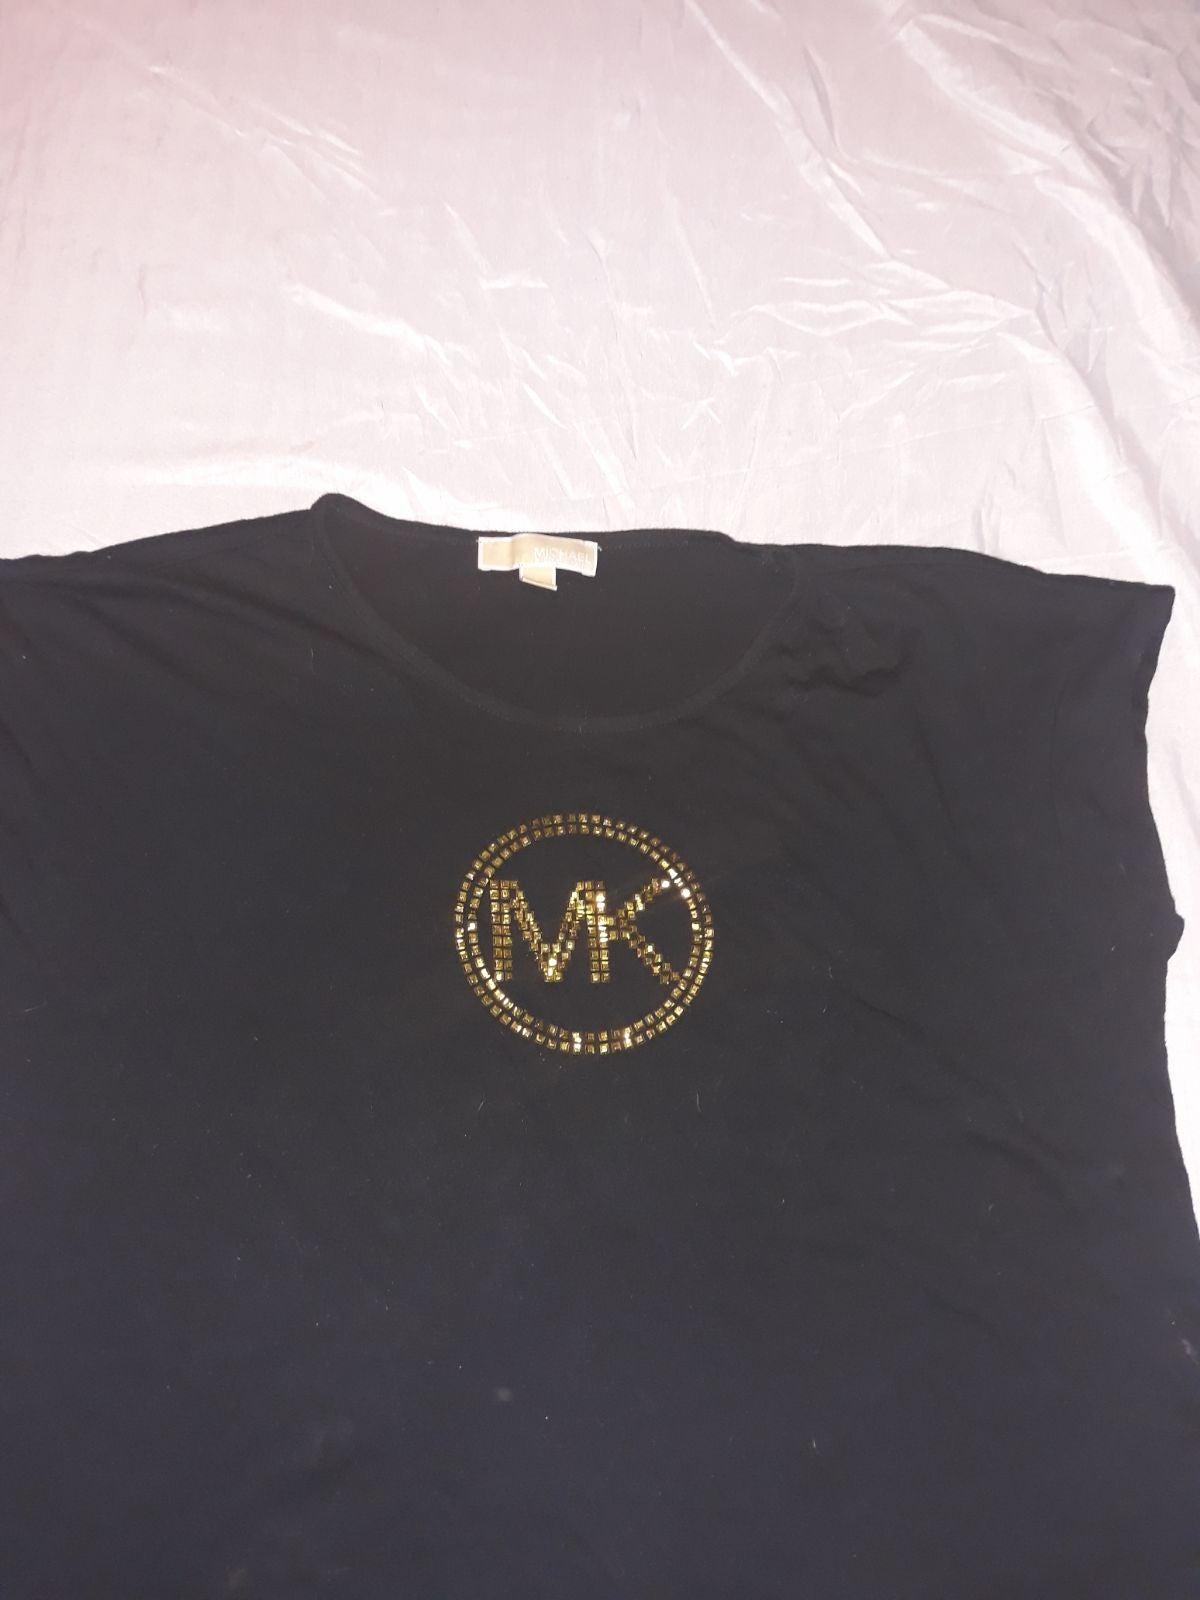 Michael Kors Shirt For Sale!